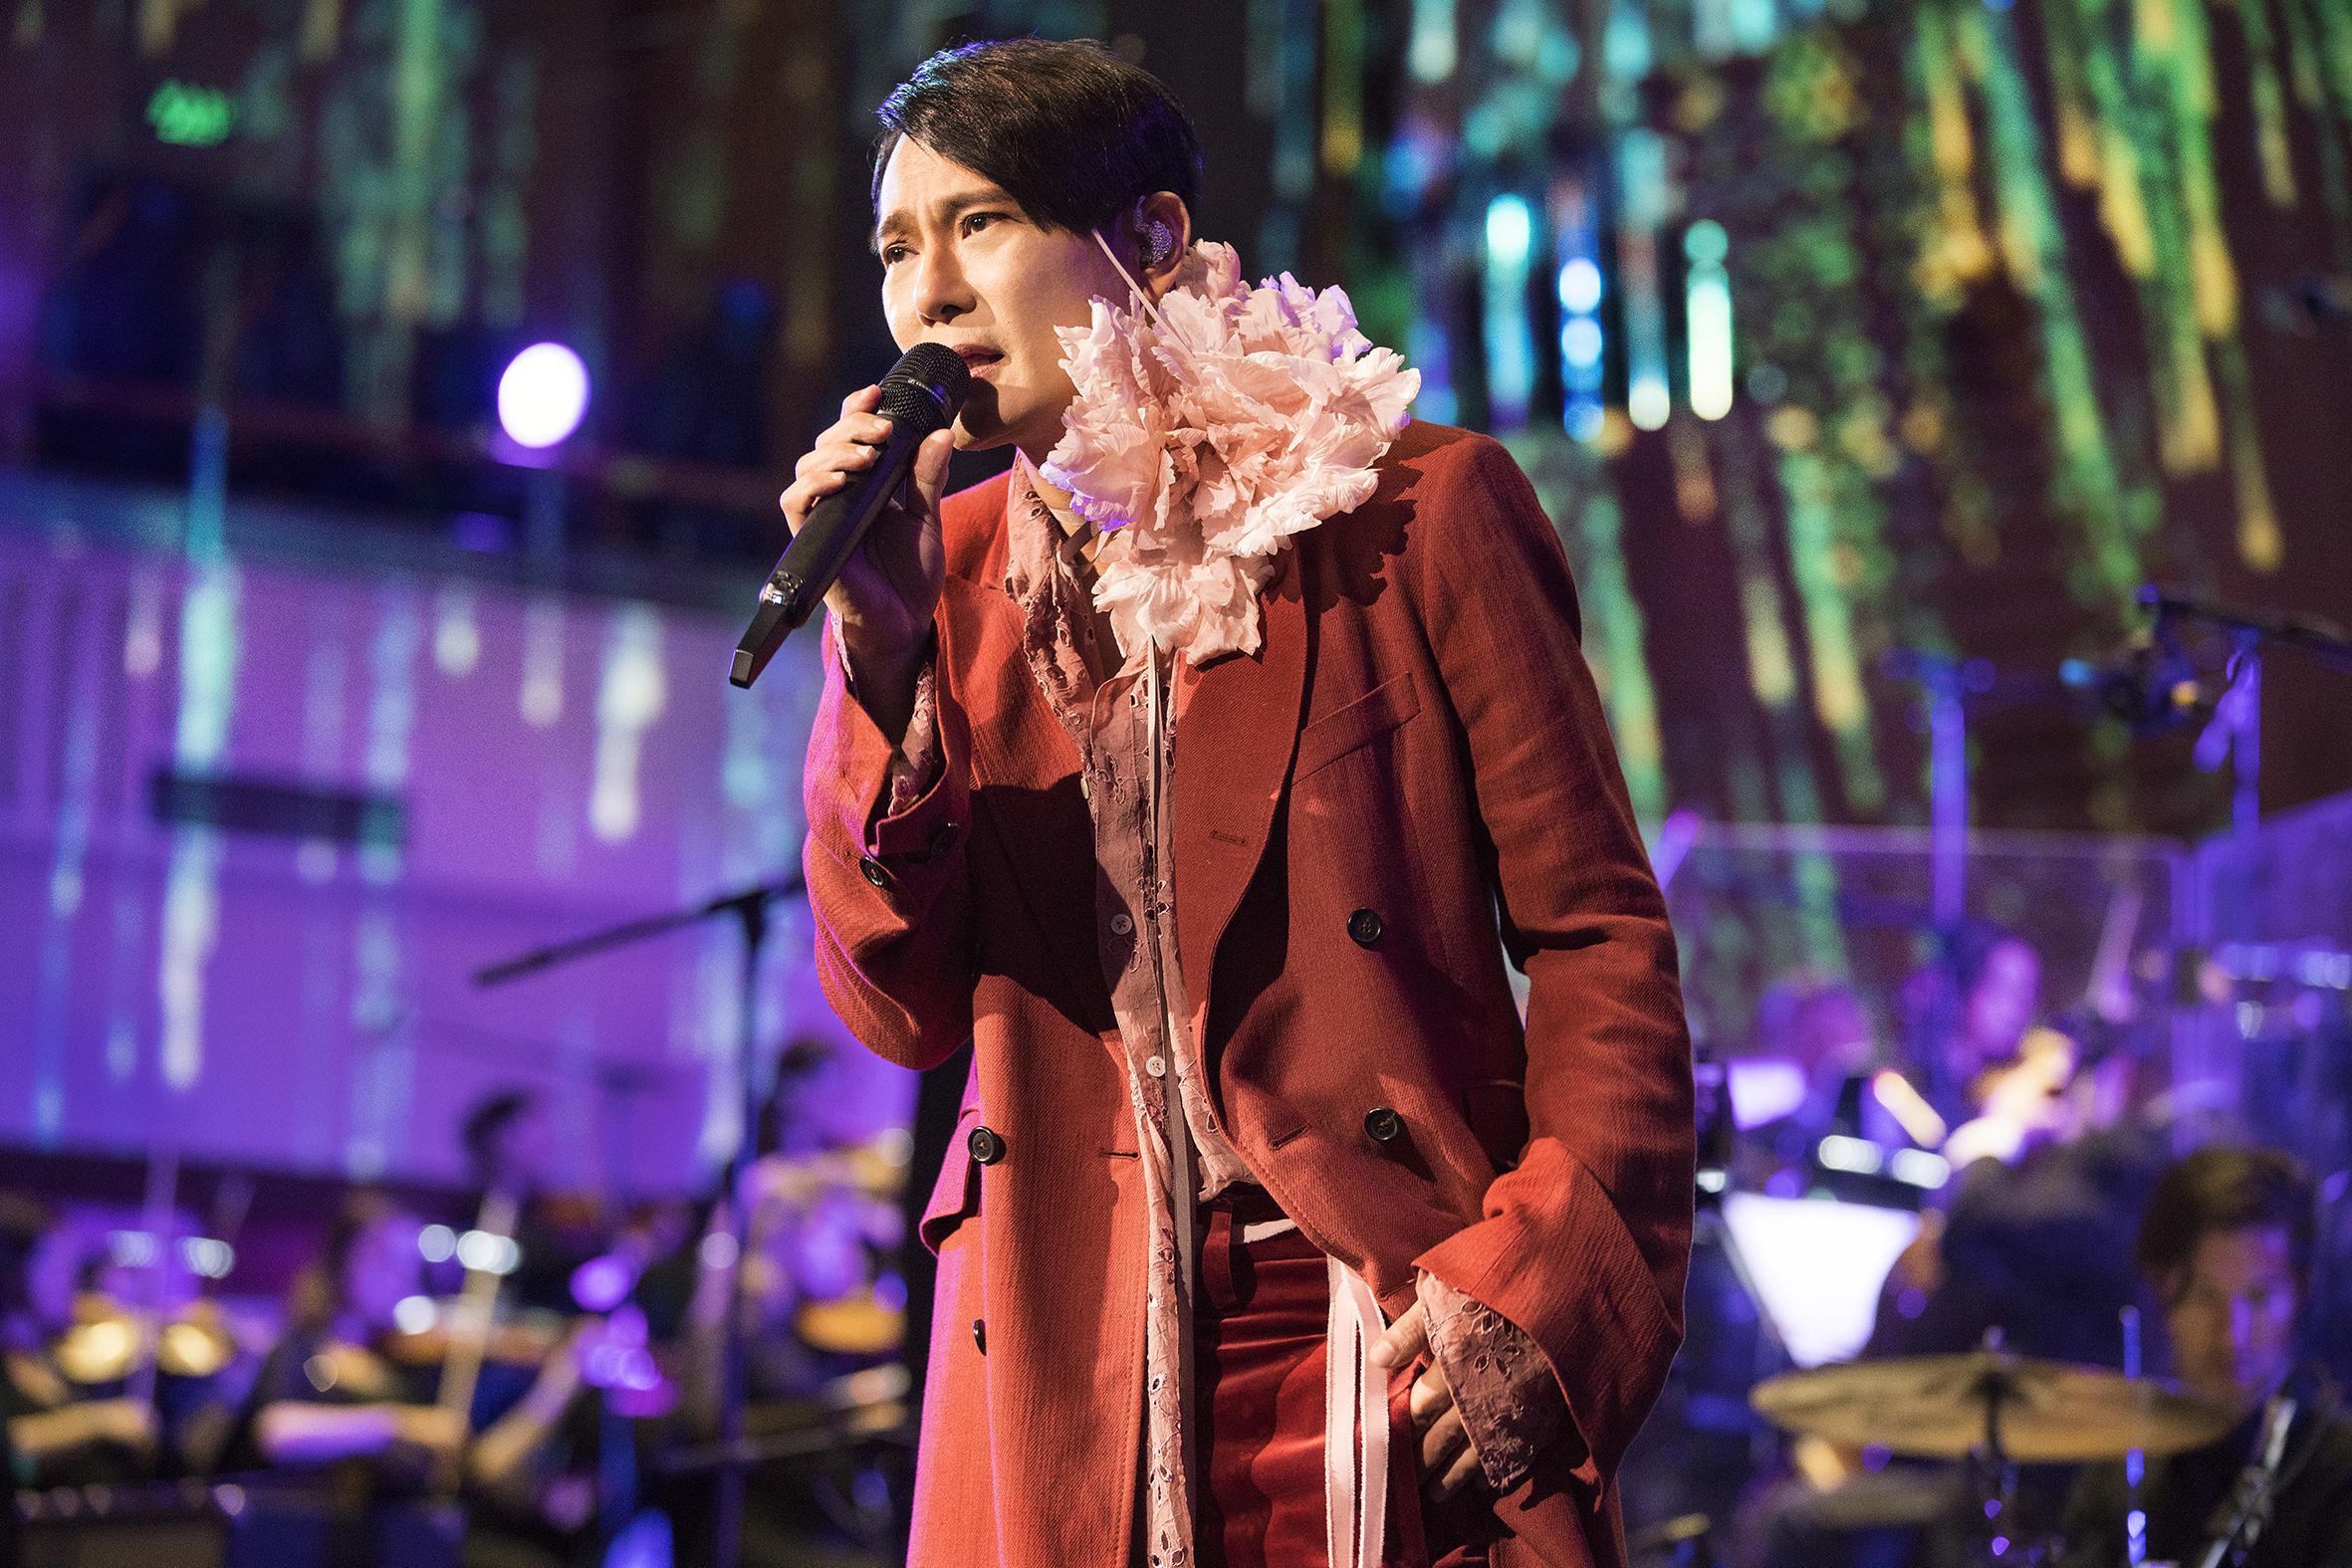 张信哲黑胶《歌时代Ⅱ》 9月28日全球同步发行